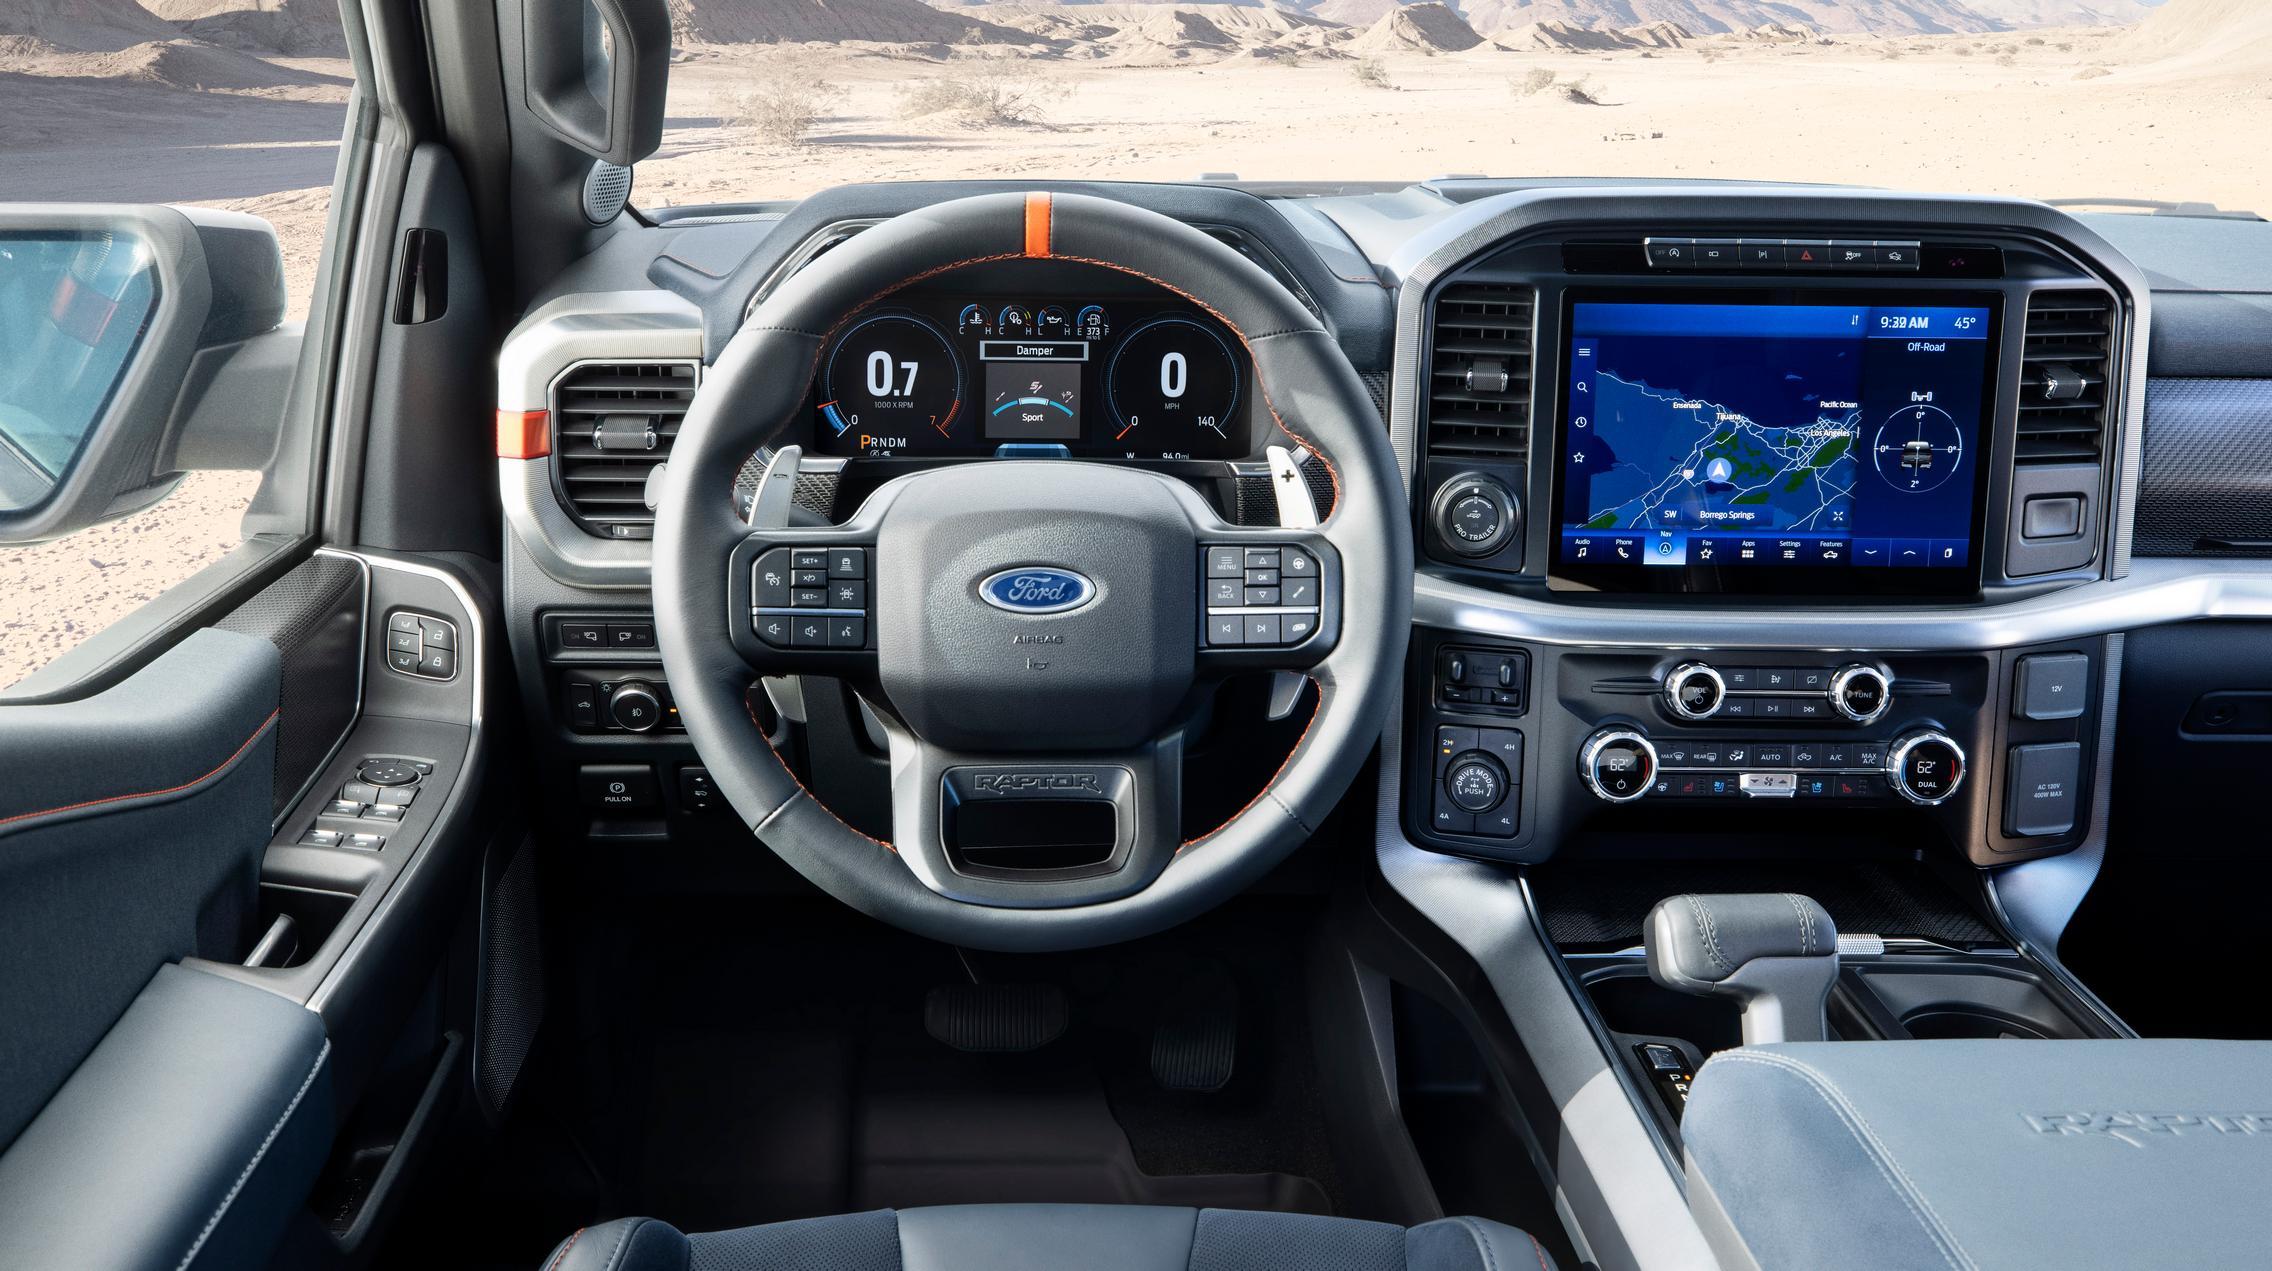 2021 Ford F-150 Raptor steering wheel